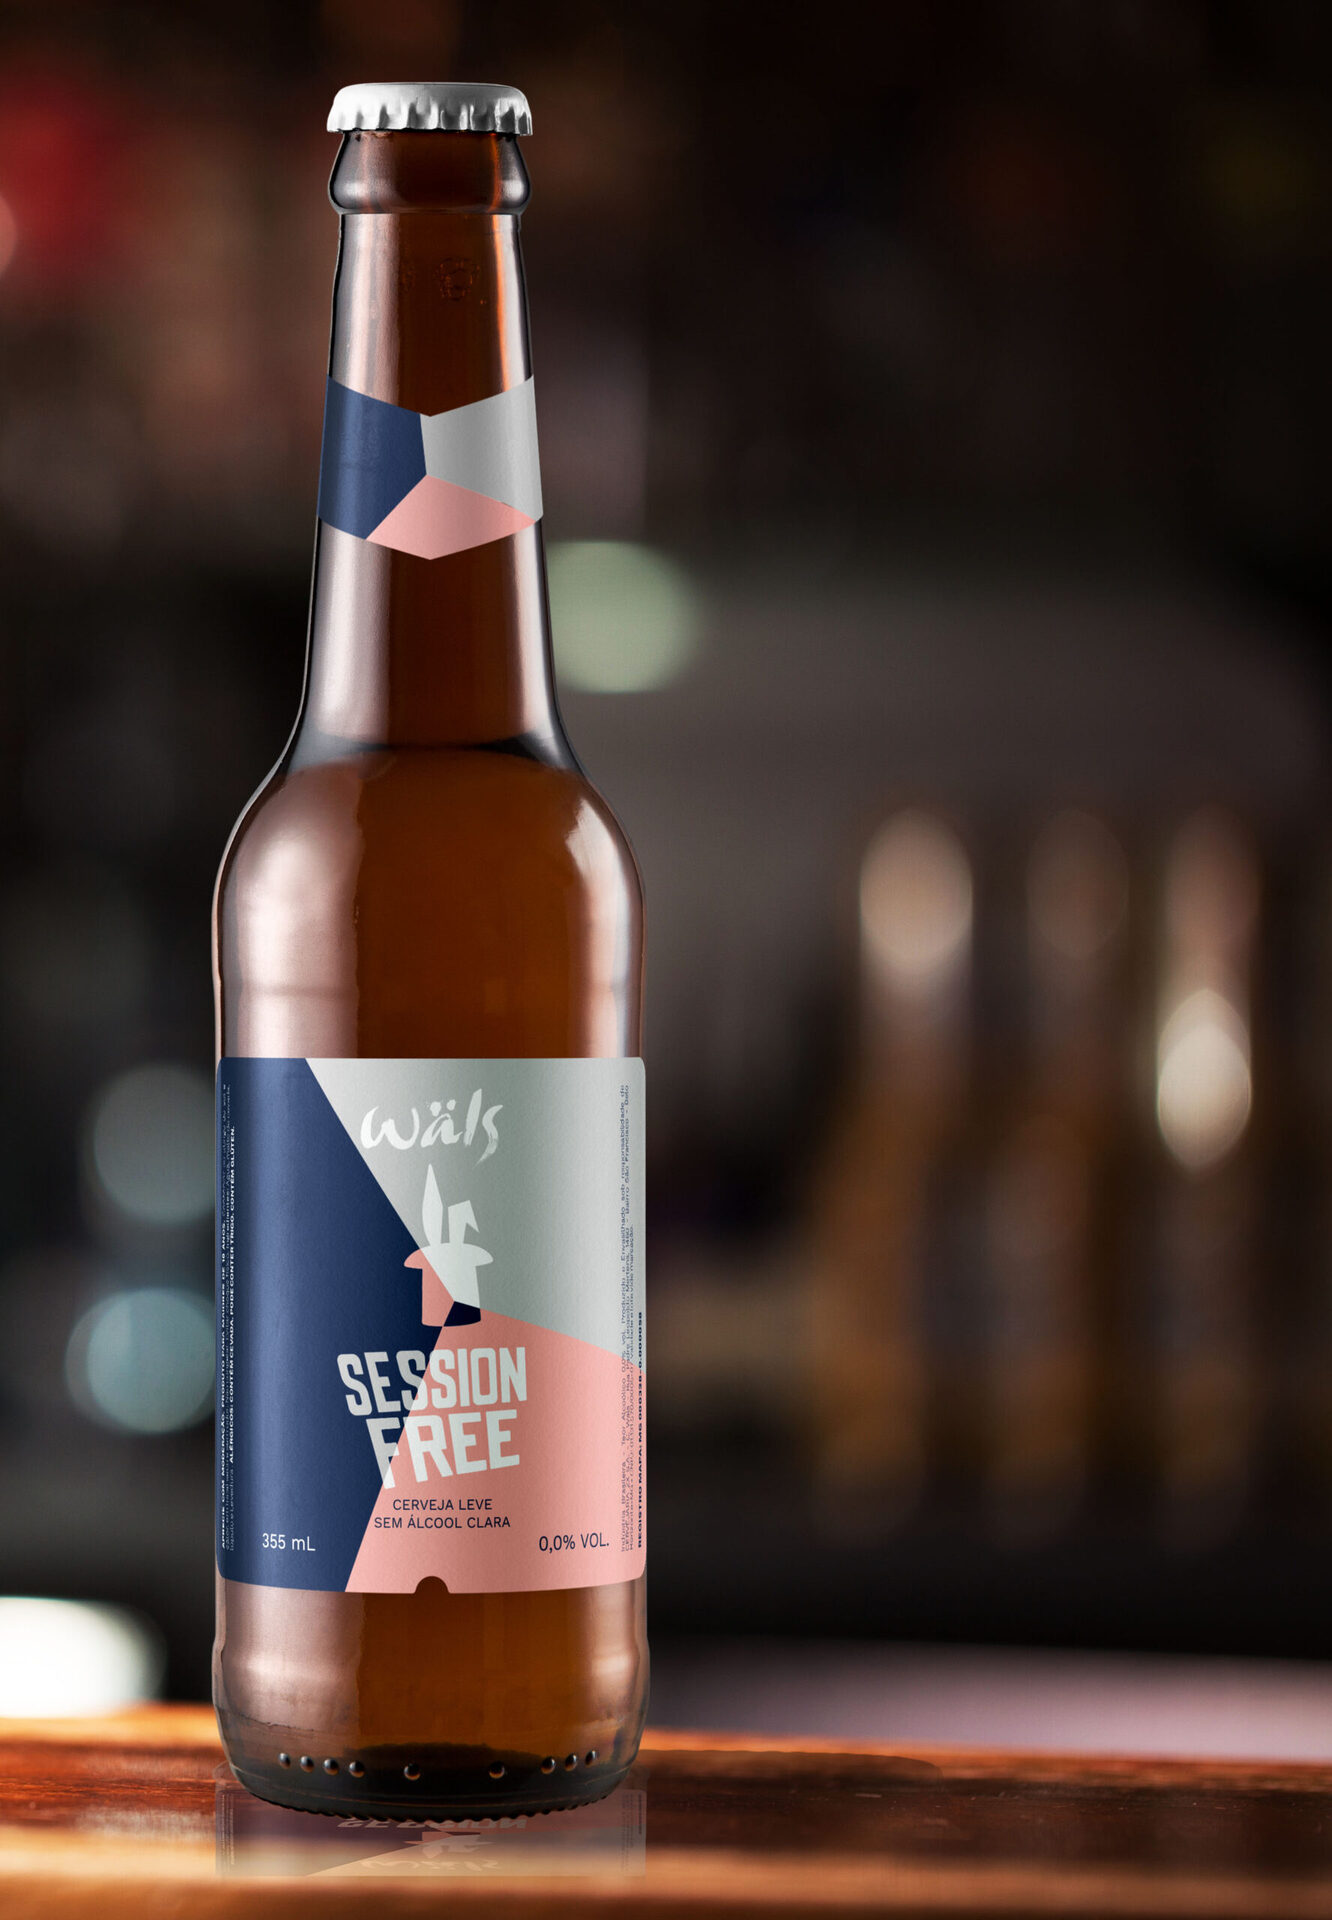 Mestre cervejeiro explica mitos e verdades sobre a cerveja sem álcool